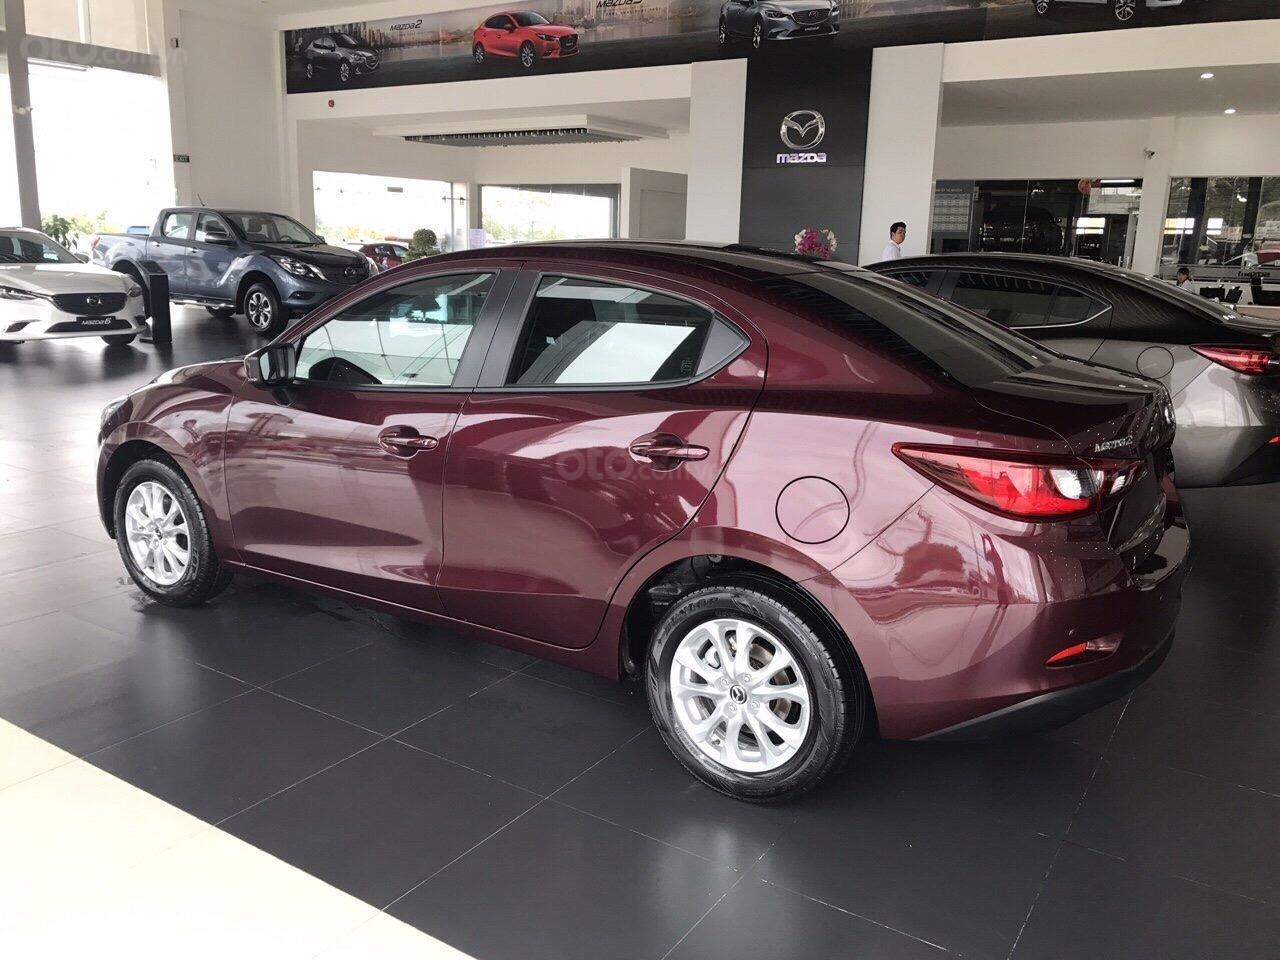 Mazda Hà Đông bán xe Mazda 2 đủ màu, đủ phiên bản giao ngay - LH: 0944601785 để nhận thêm ưu đãi-0